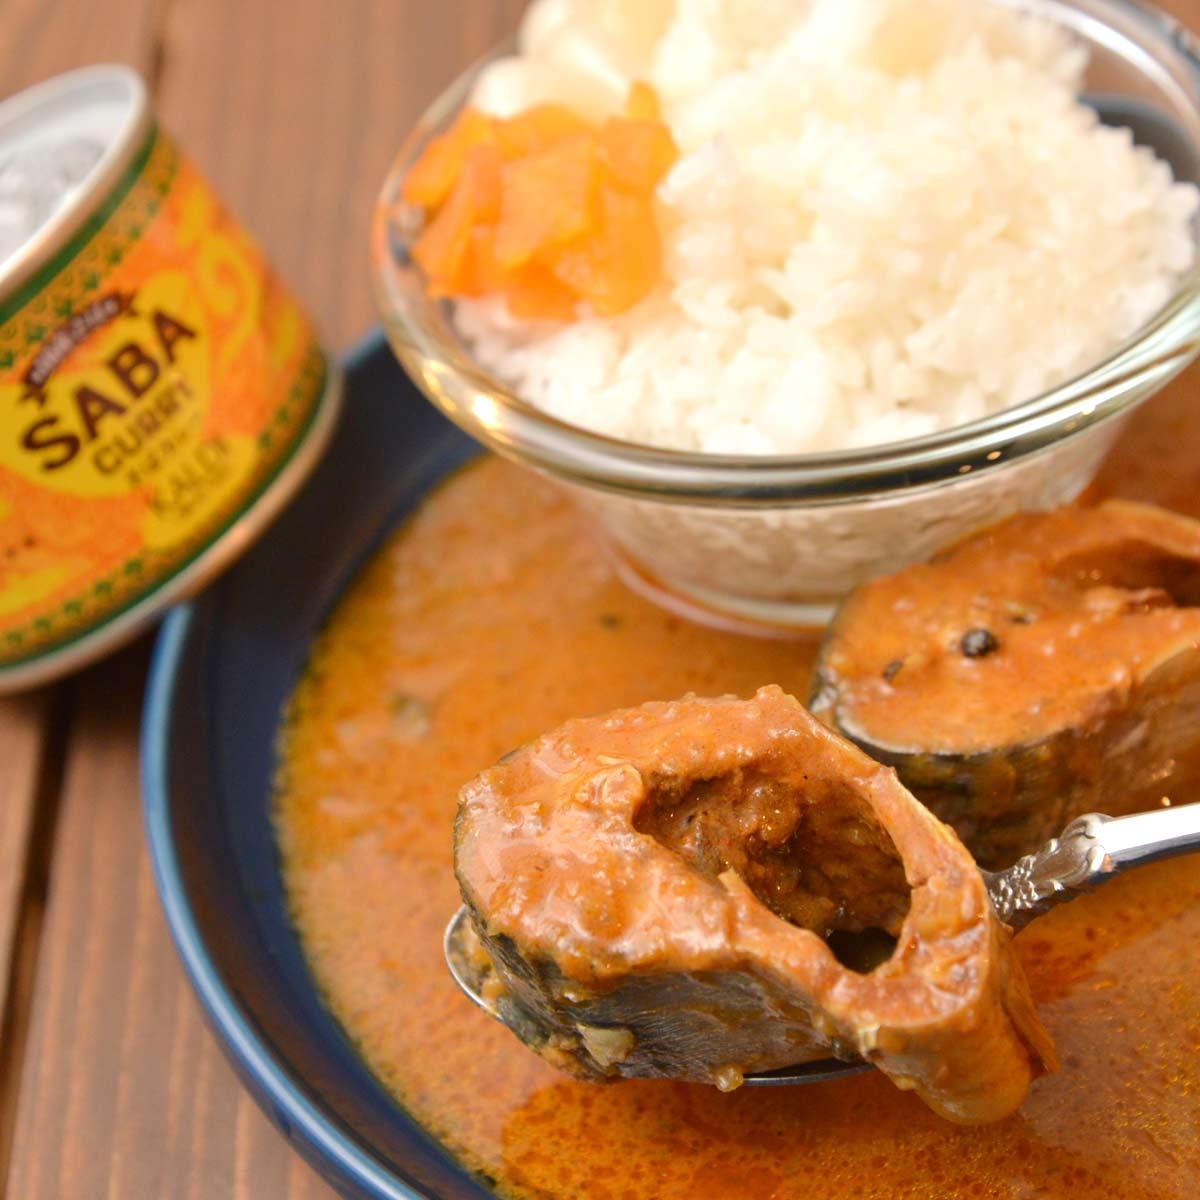 《実食》「カルディのカレー」が激ウマ! 本格派PBレトルト10種を比較レビュー